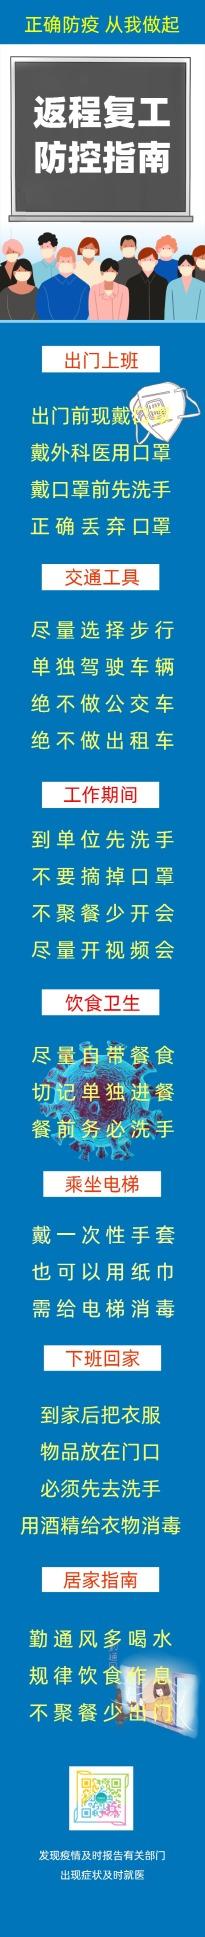 蓝色简约武汉疫情新型肺炎企业开业开工返程复工防控指南宣传h5